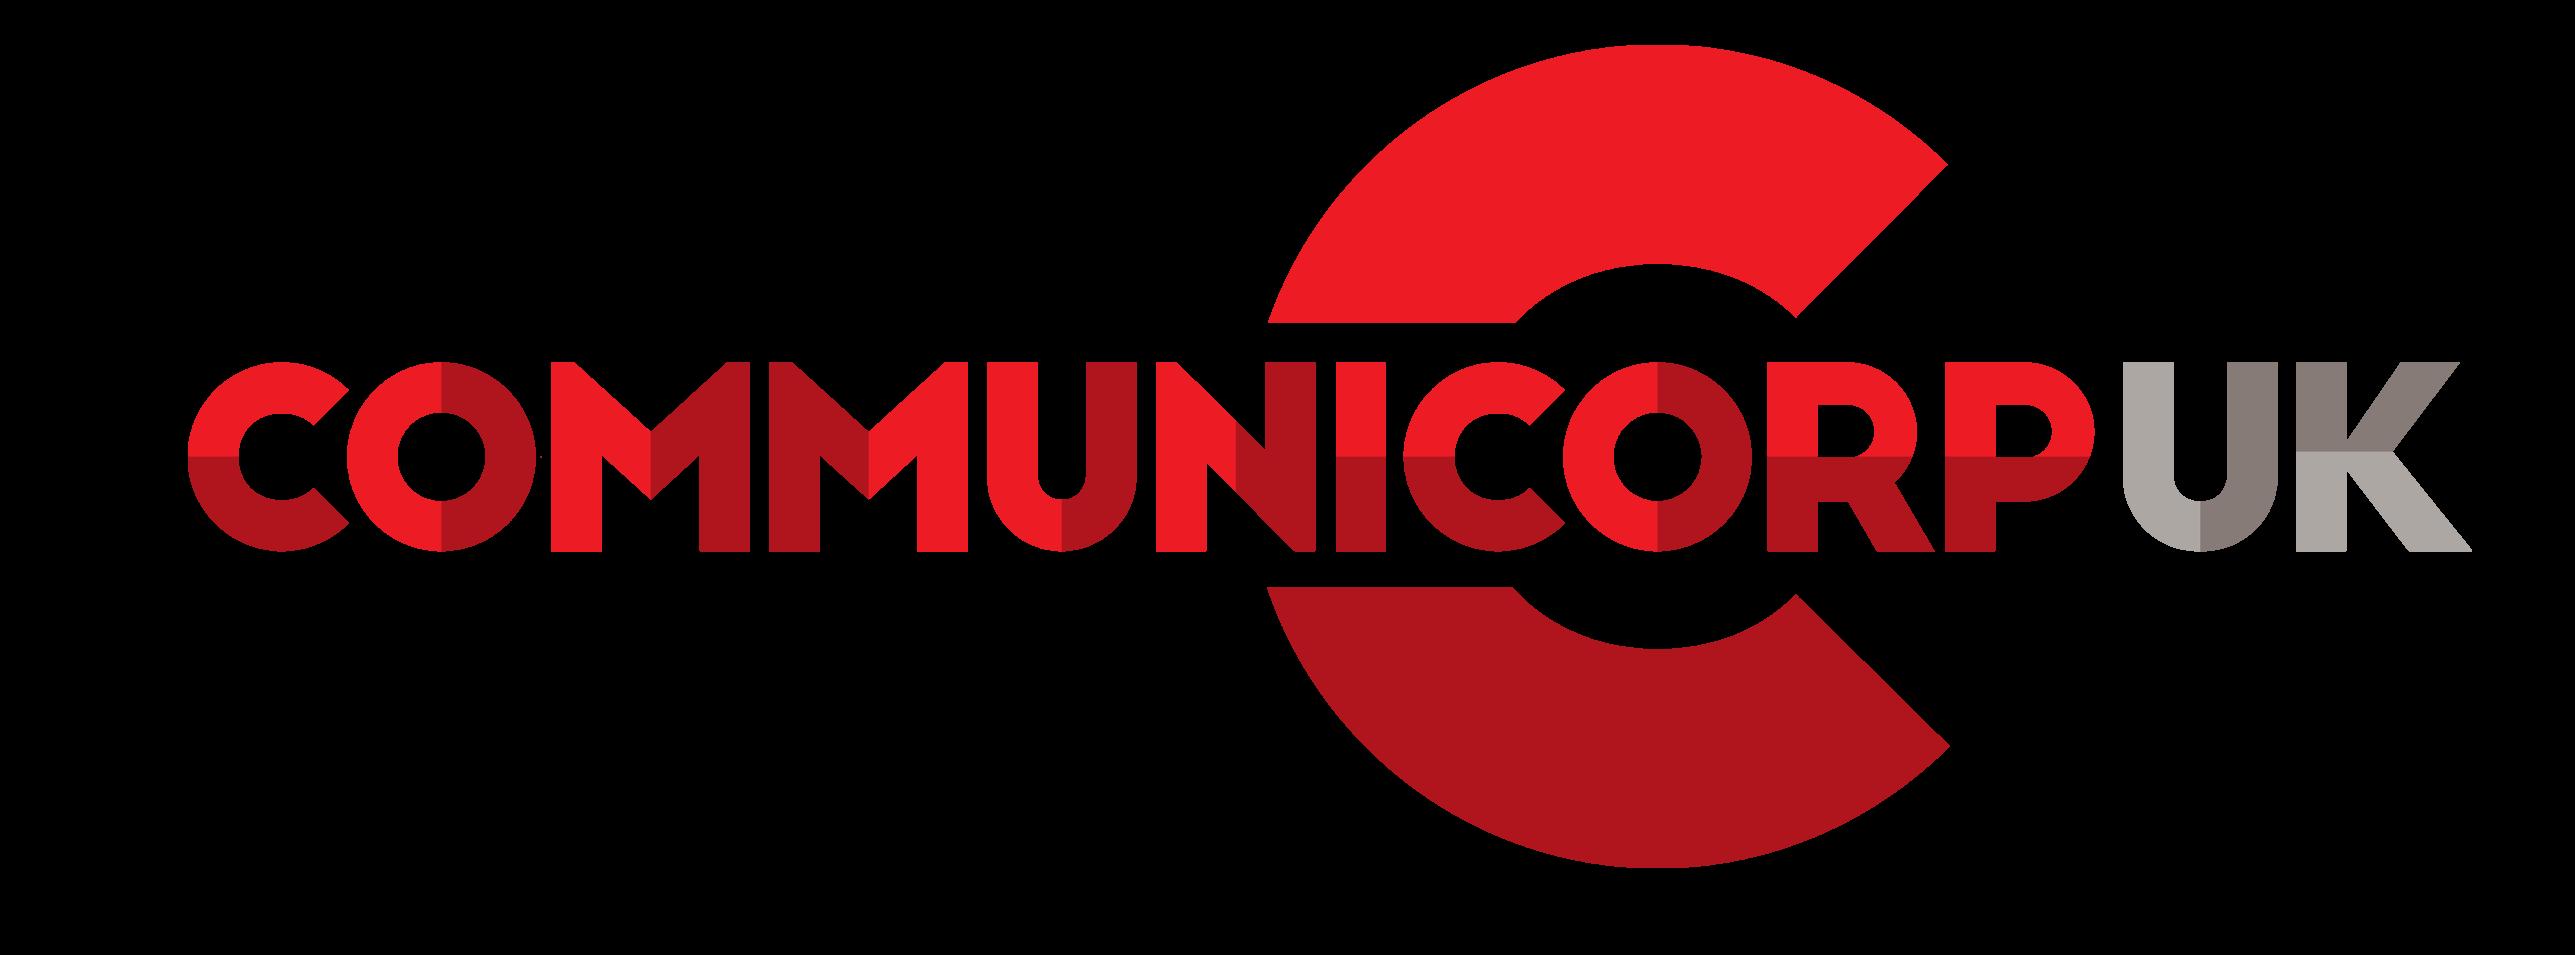 Communicorp UK Logo CMYK